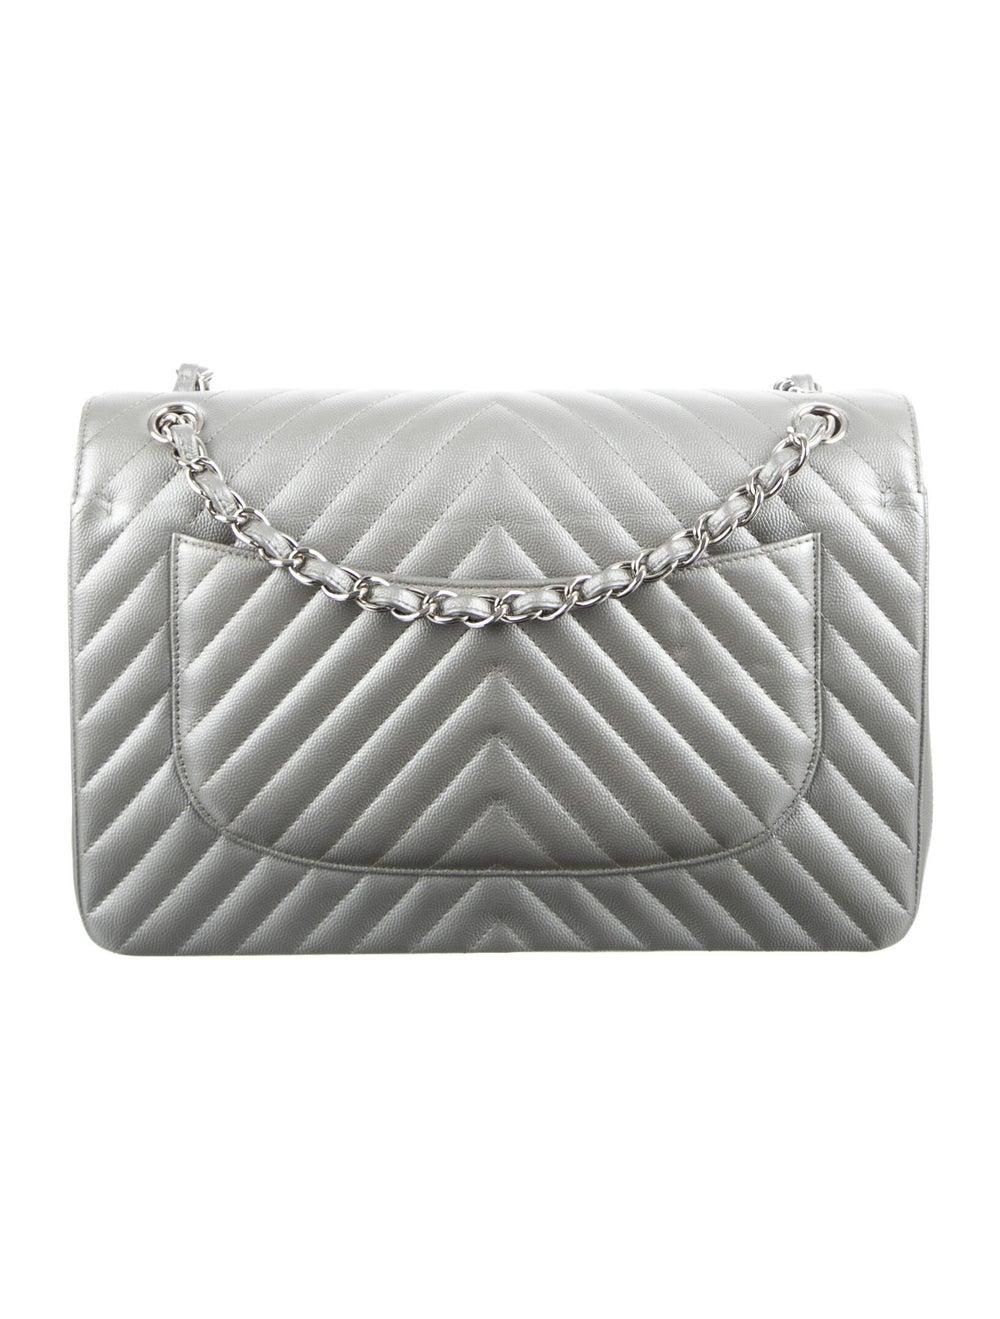 Chanel Classic Jumbo Chevron Double Flap Bag Meta… - image 4